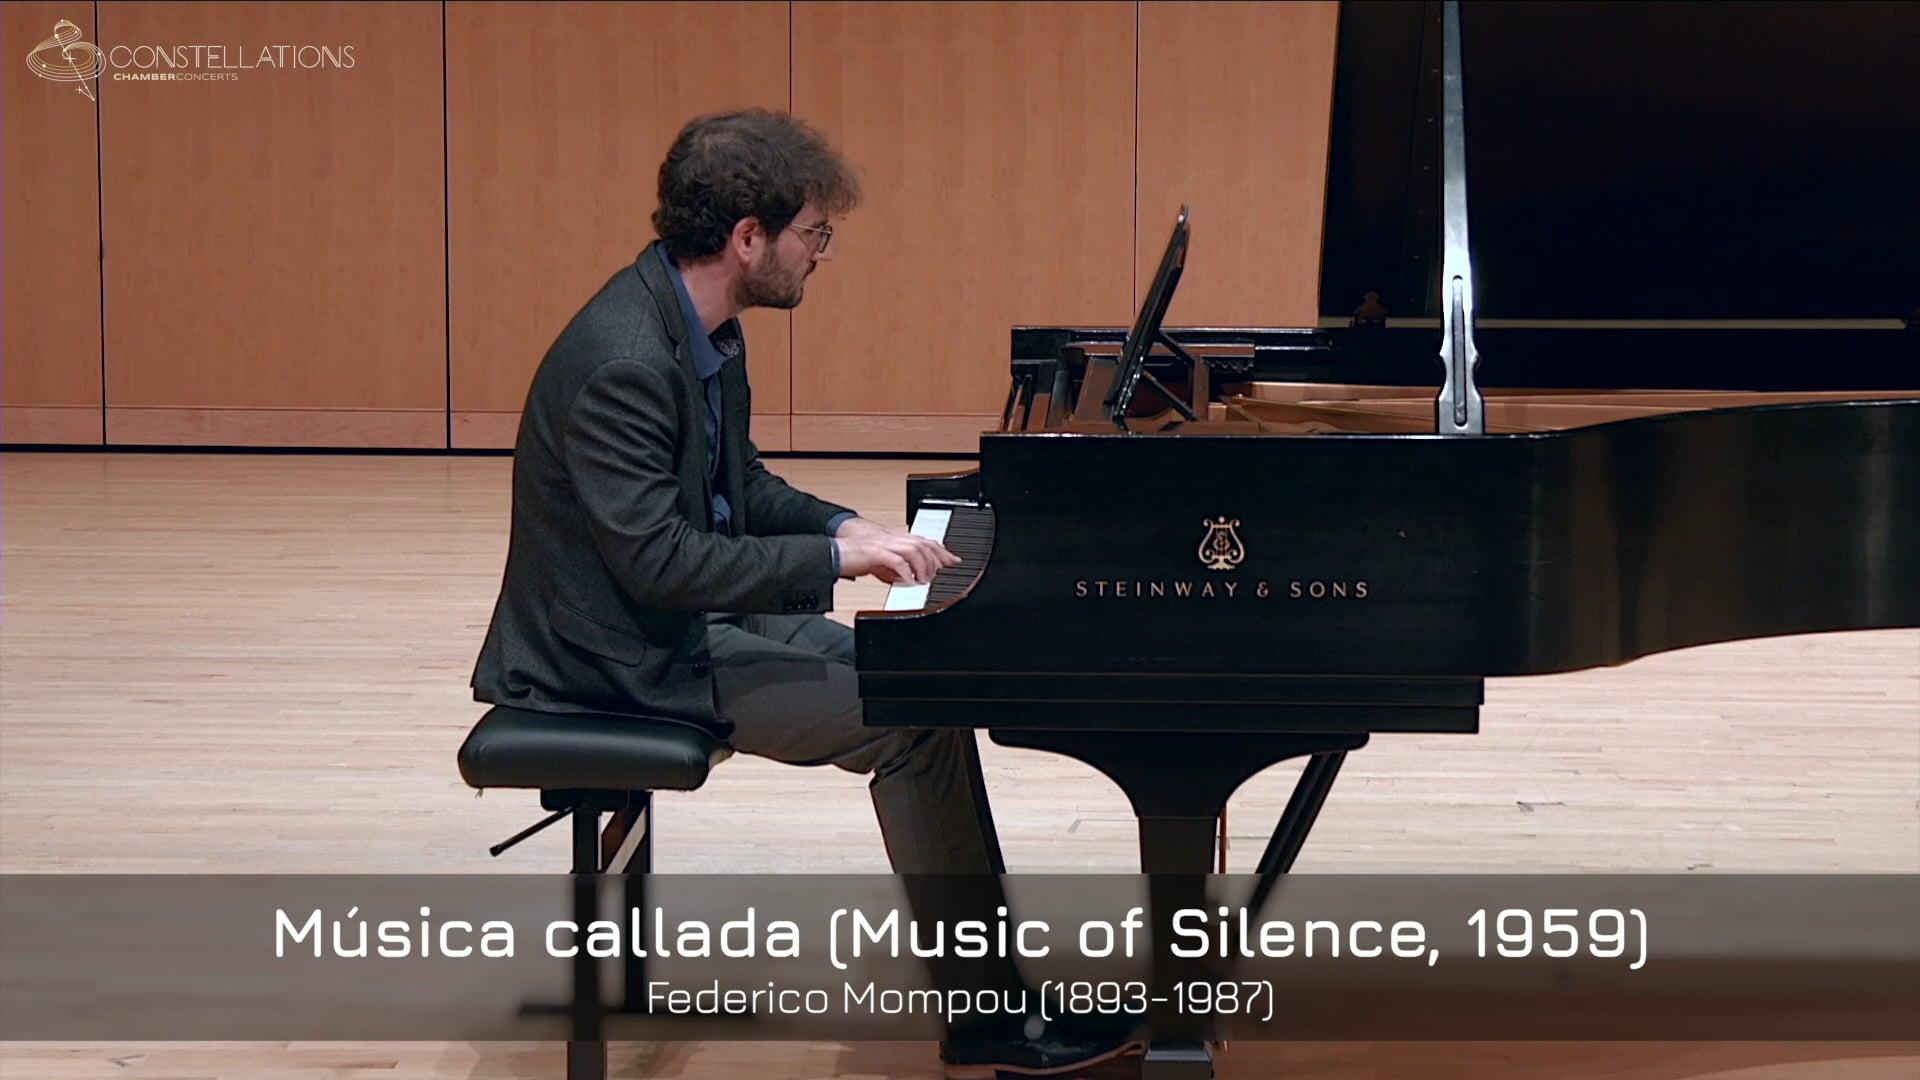 Daniel Pesca - Federico Mompou: Musica callada